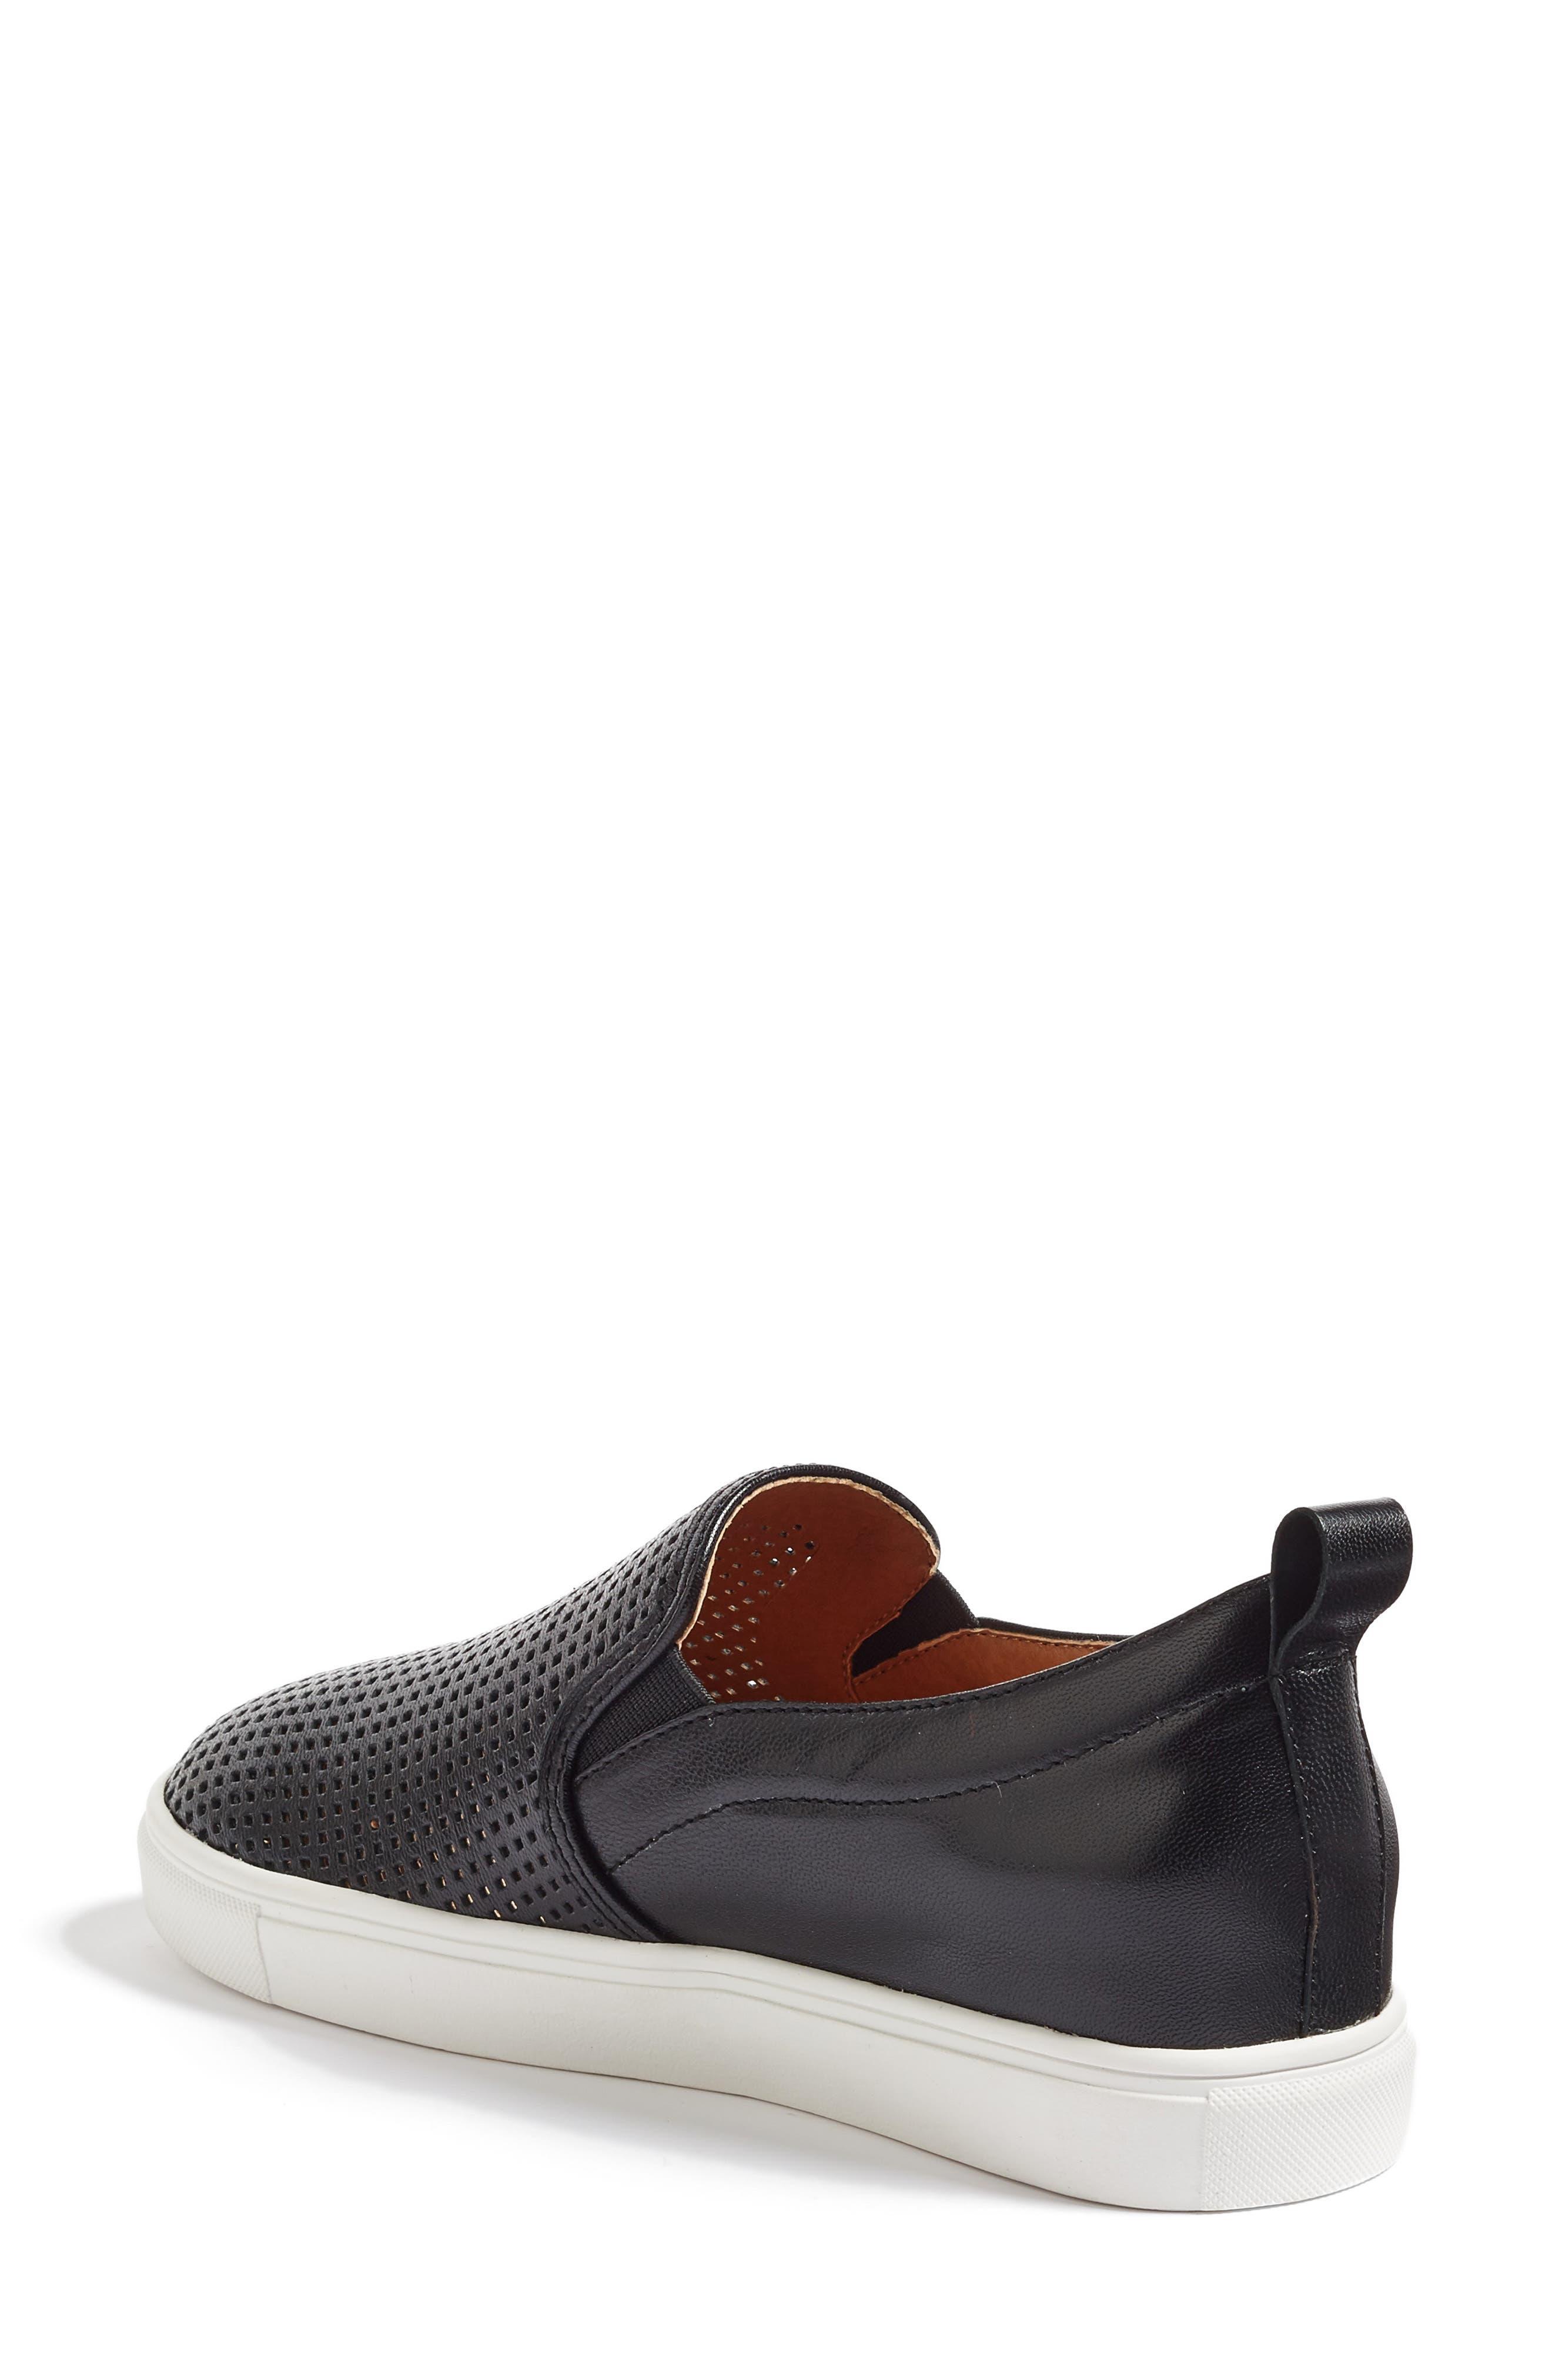 Eden Perforated Slip-On Sneaker,                             Alternate thumbnail 9, color,